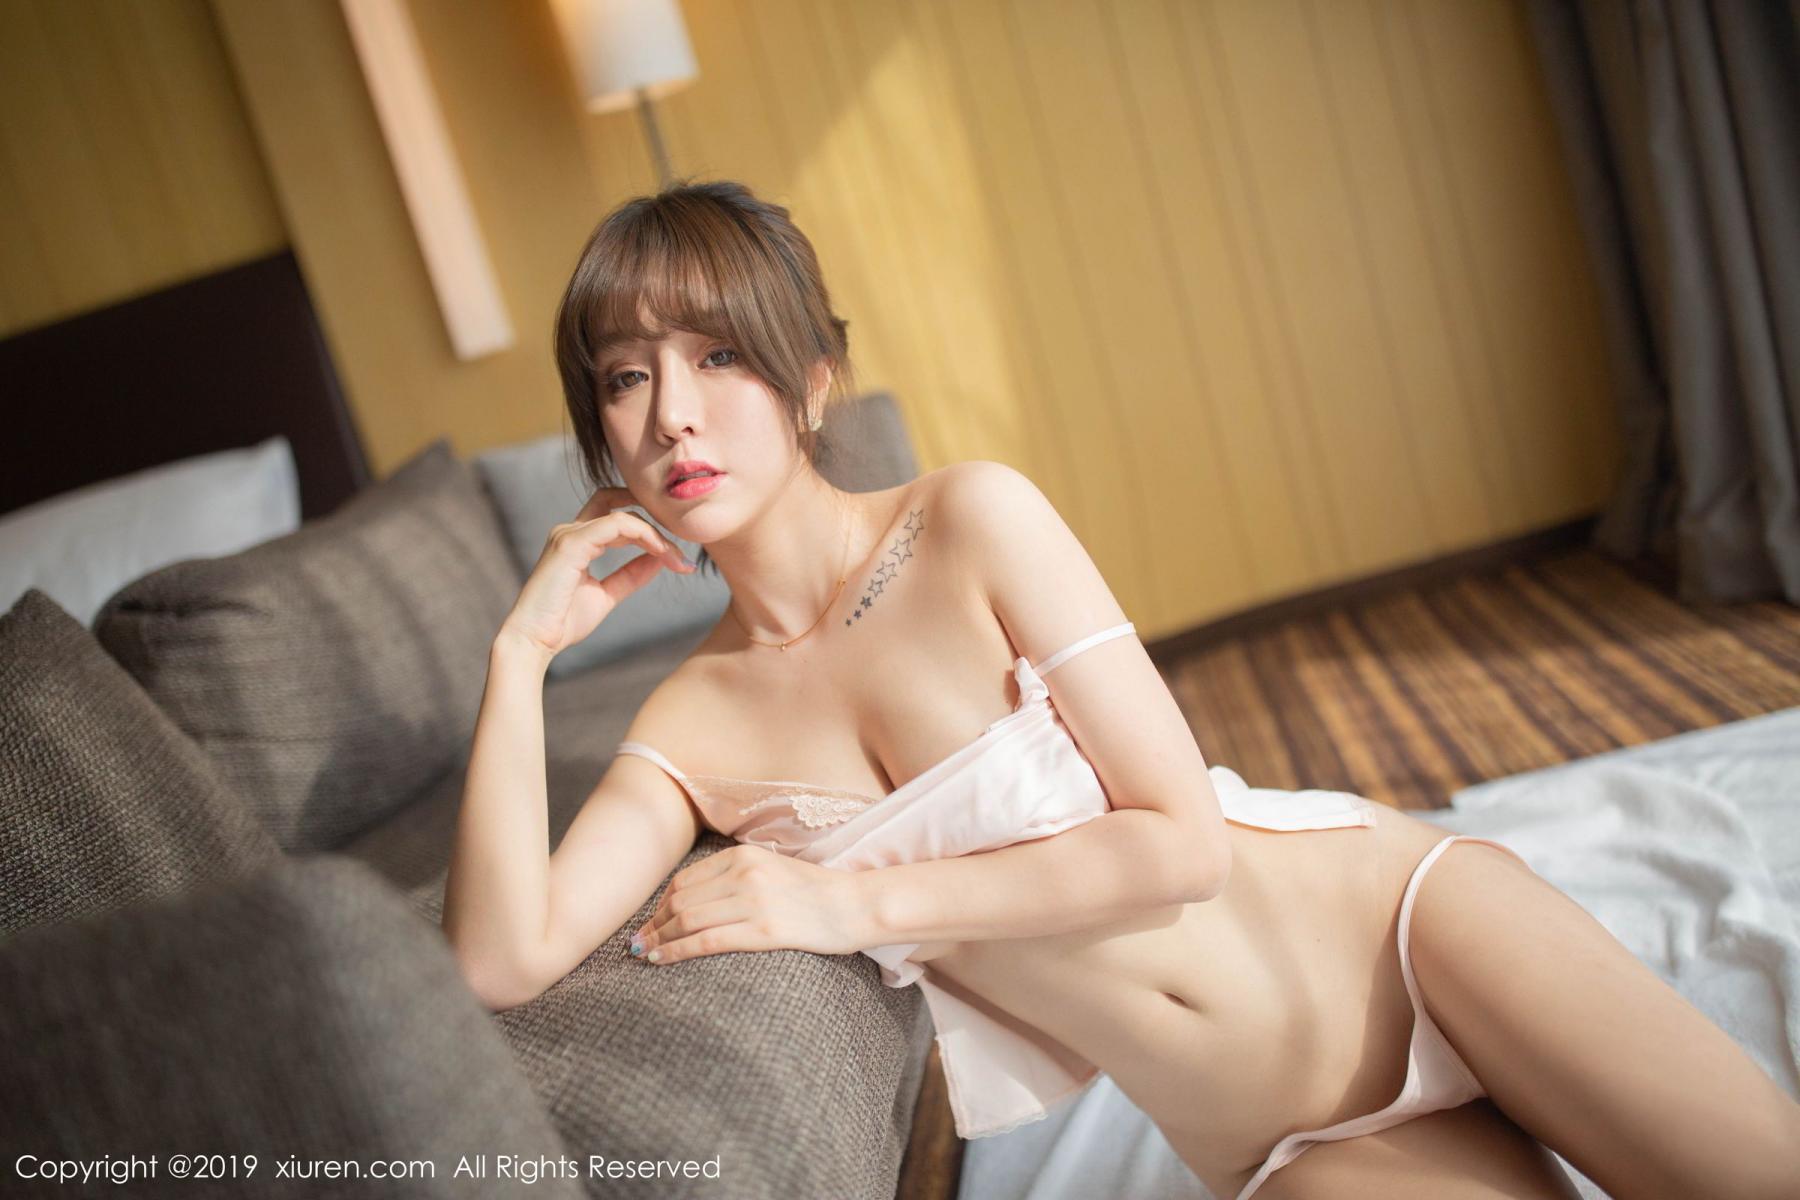 [XiuRen] Vol.1619 Wang Yu Chun 51P, Adult, Wang Yu Chun, Xiuren